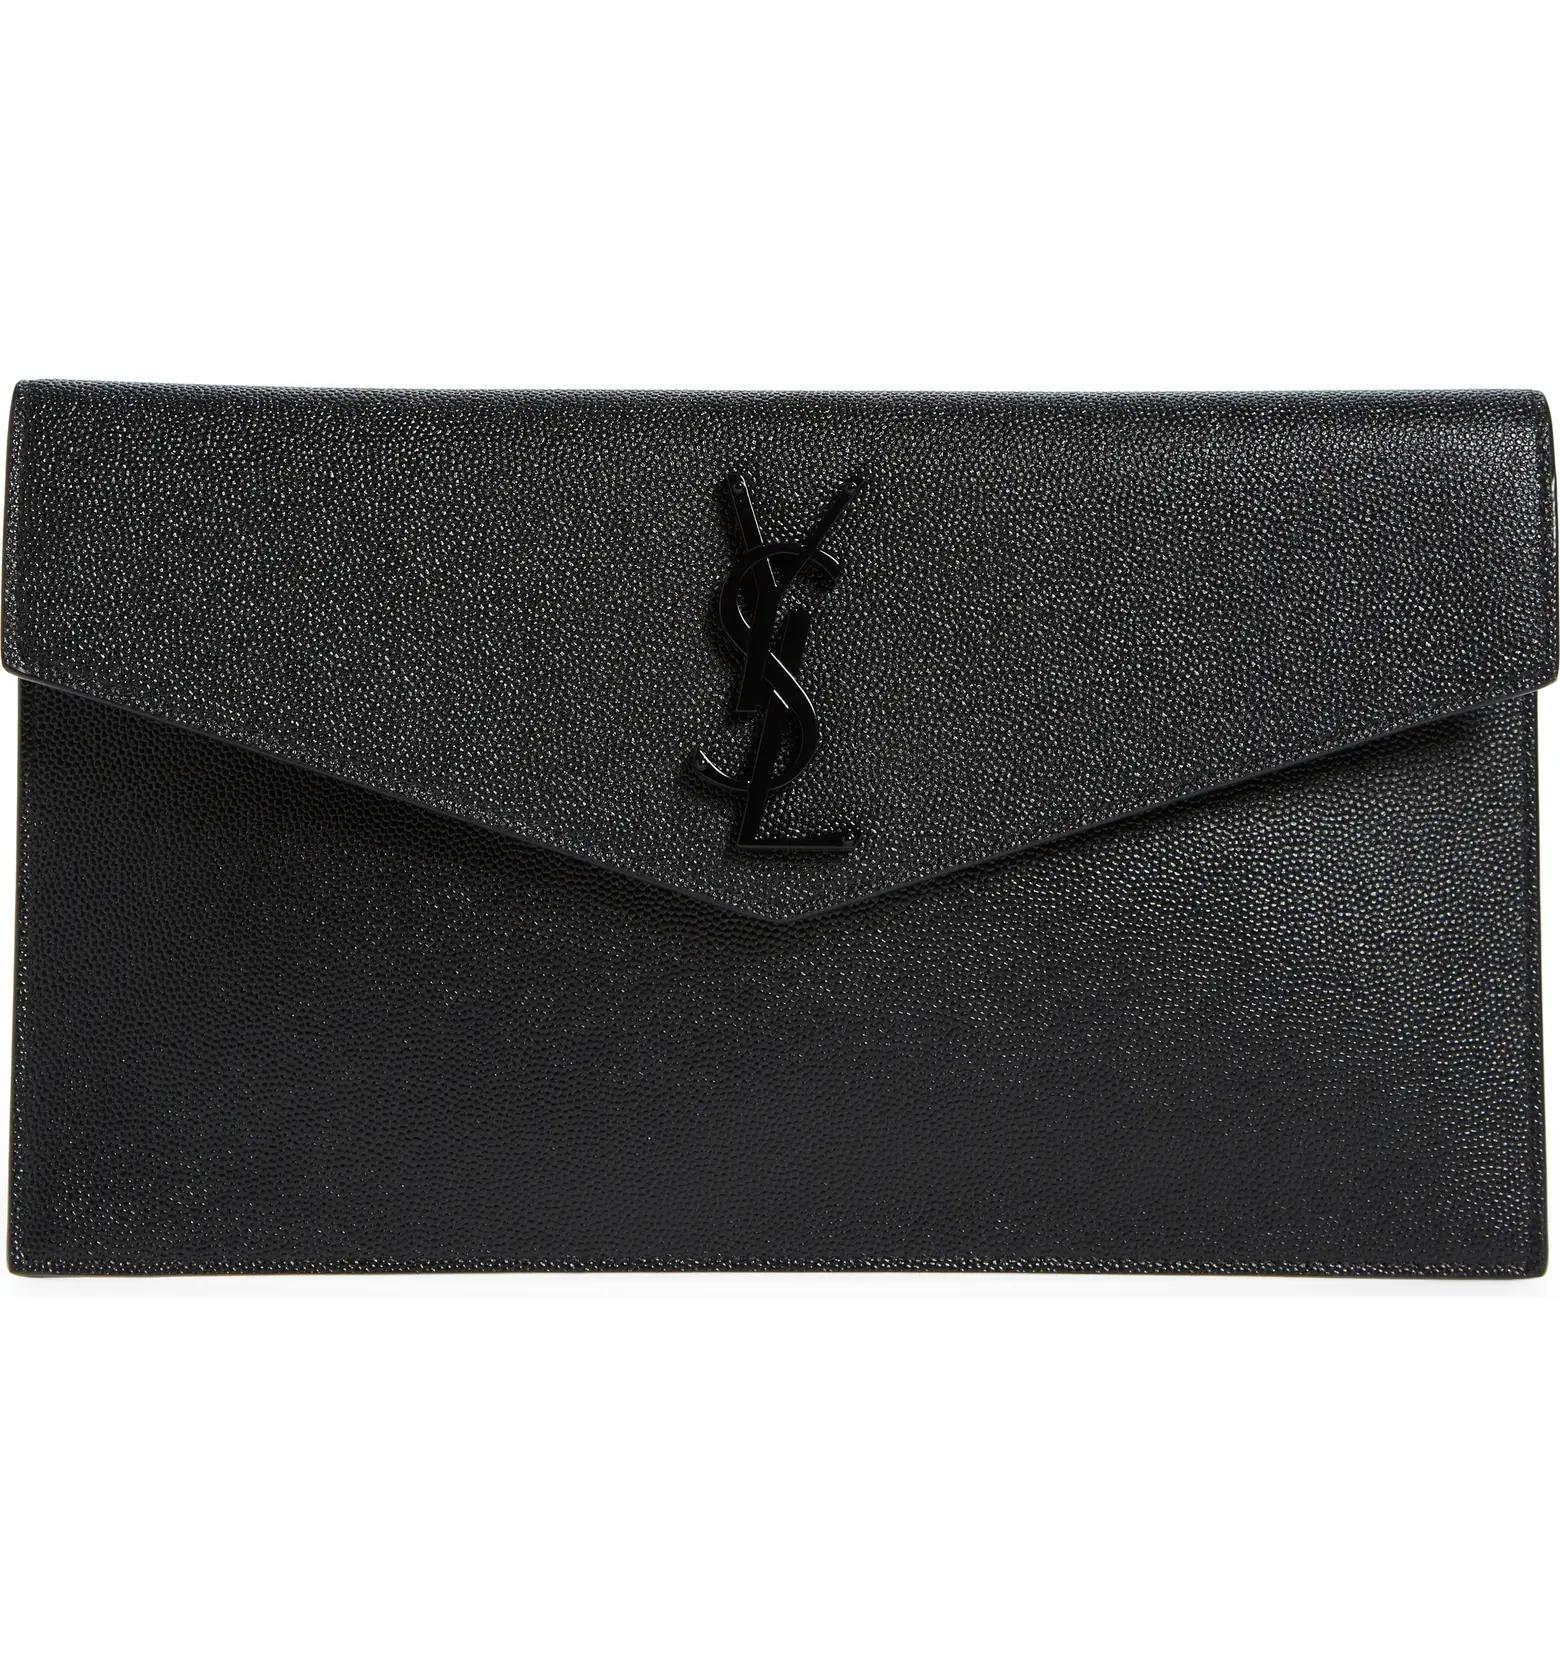 Black YSL clutch